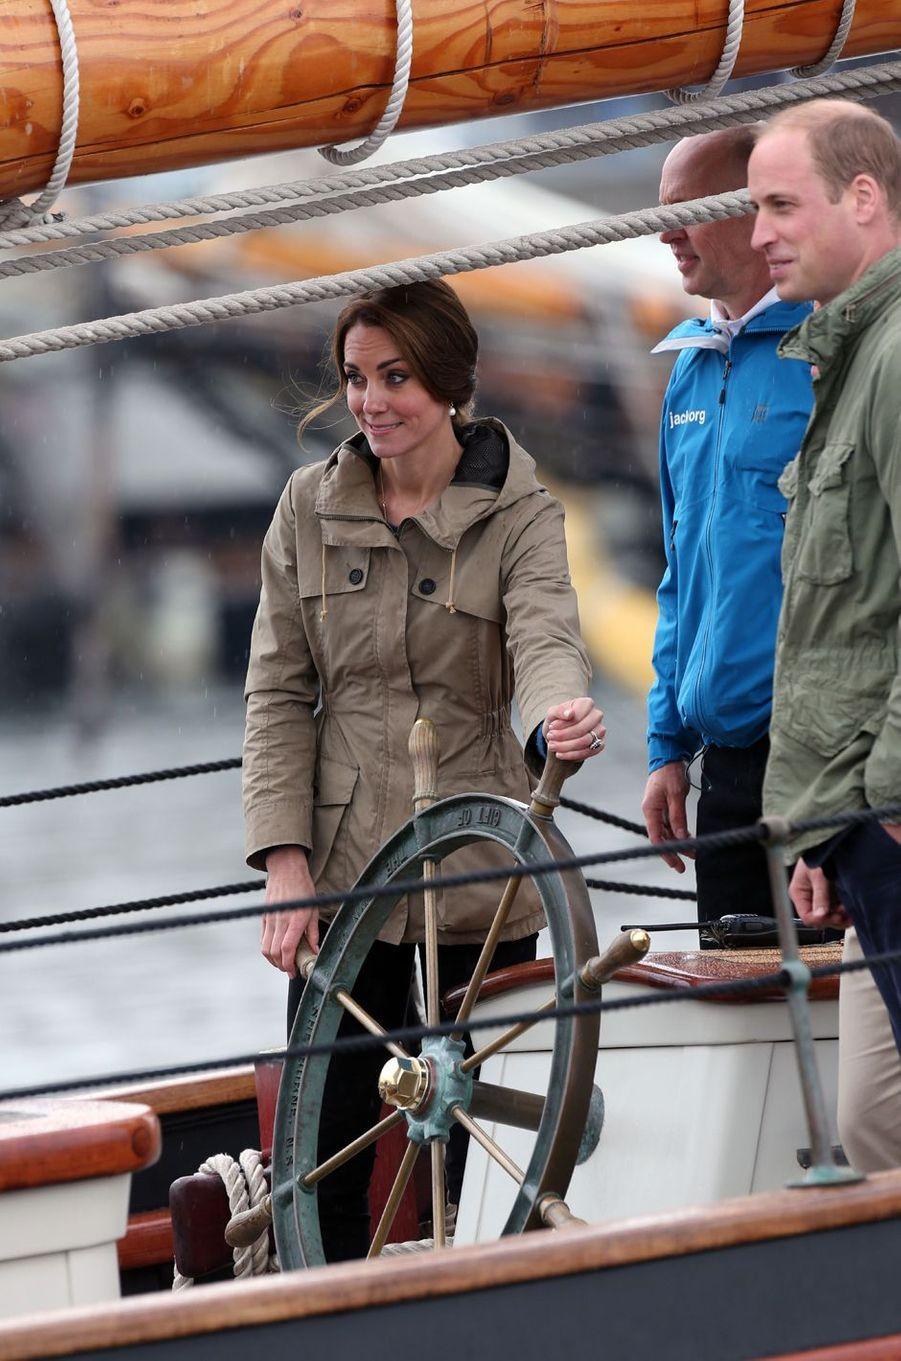 La duchesse de Cambridge, née Kate Middleton, a vogué à bord d'un splendide voilier au large de Victoria, à l'occasion de sa dernière journée au Canada ce samedi 1er octobre.